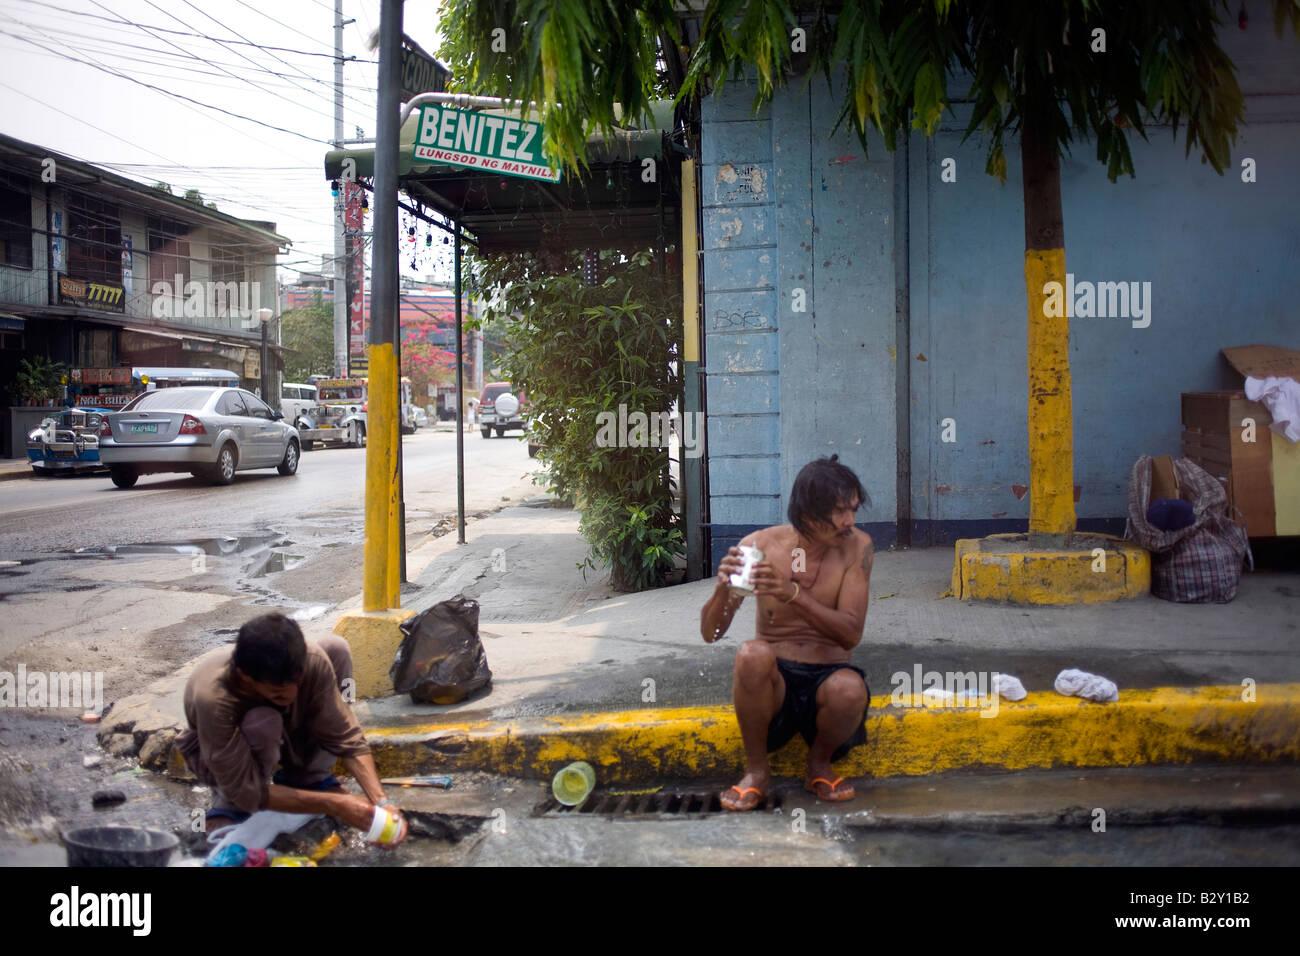 Deux pauvres philippins se lavera avec de l'eau dans un caniveau à Manille, aux Philippines. Photo Stock